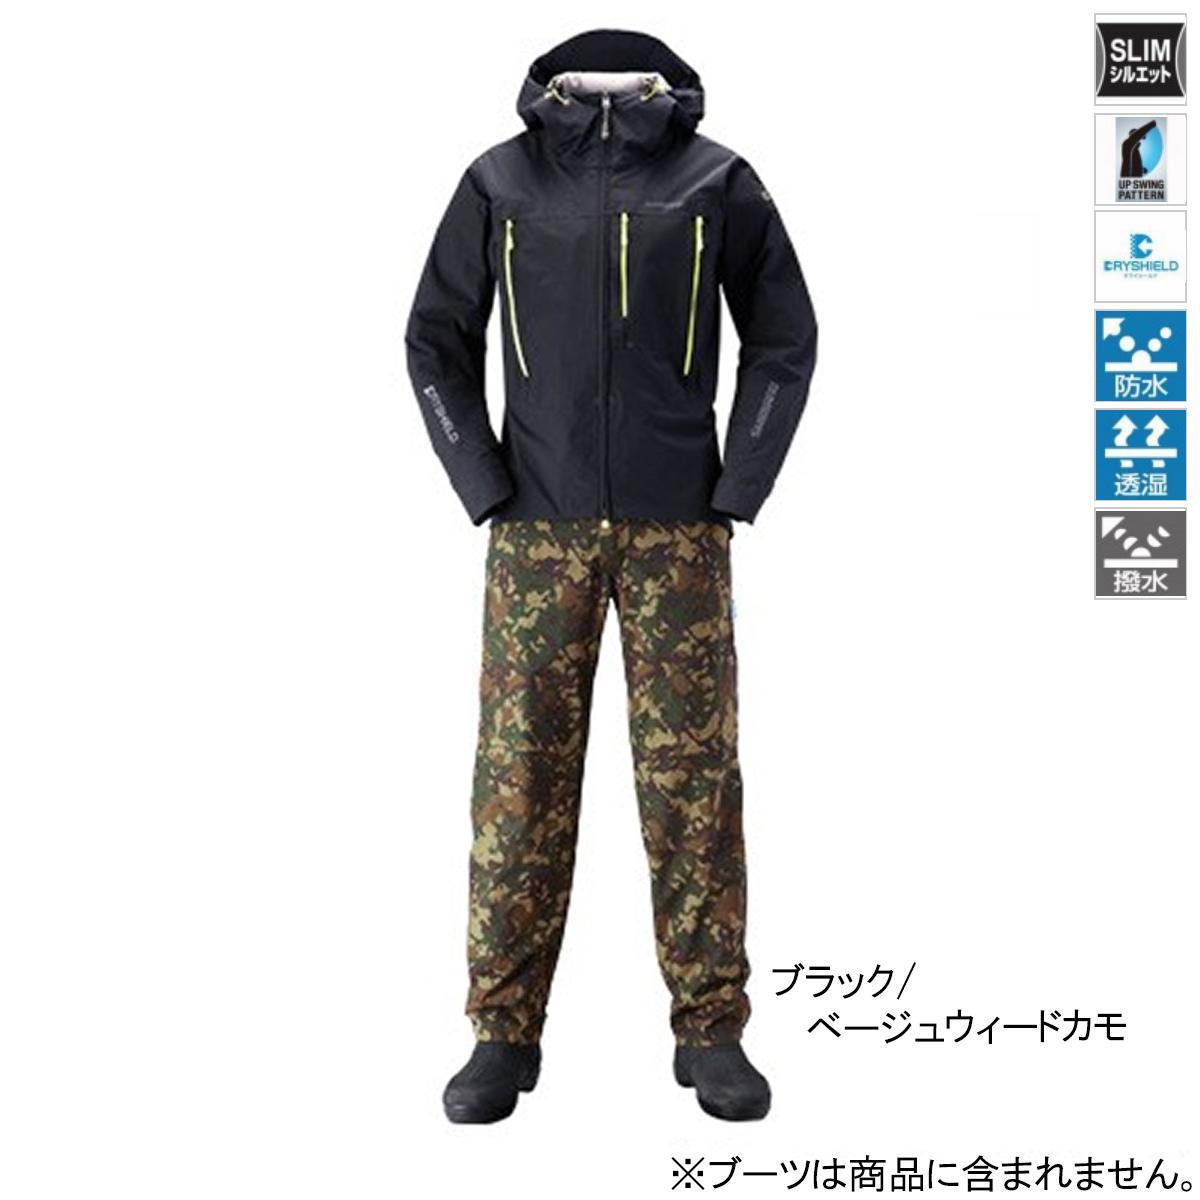 シマノ DSエクスプローラースーツ RA-024S 2XL ブラック/ベージュウィードカモ【送料無料】